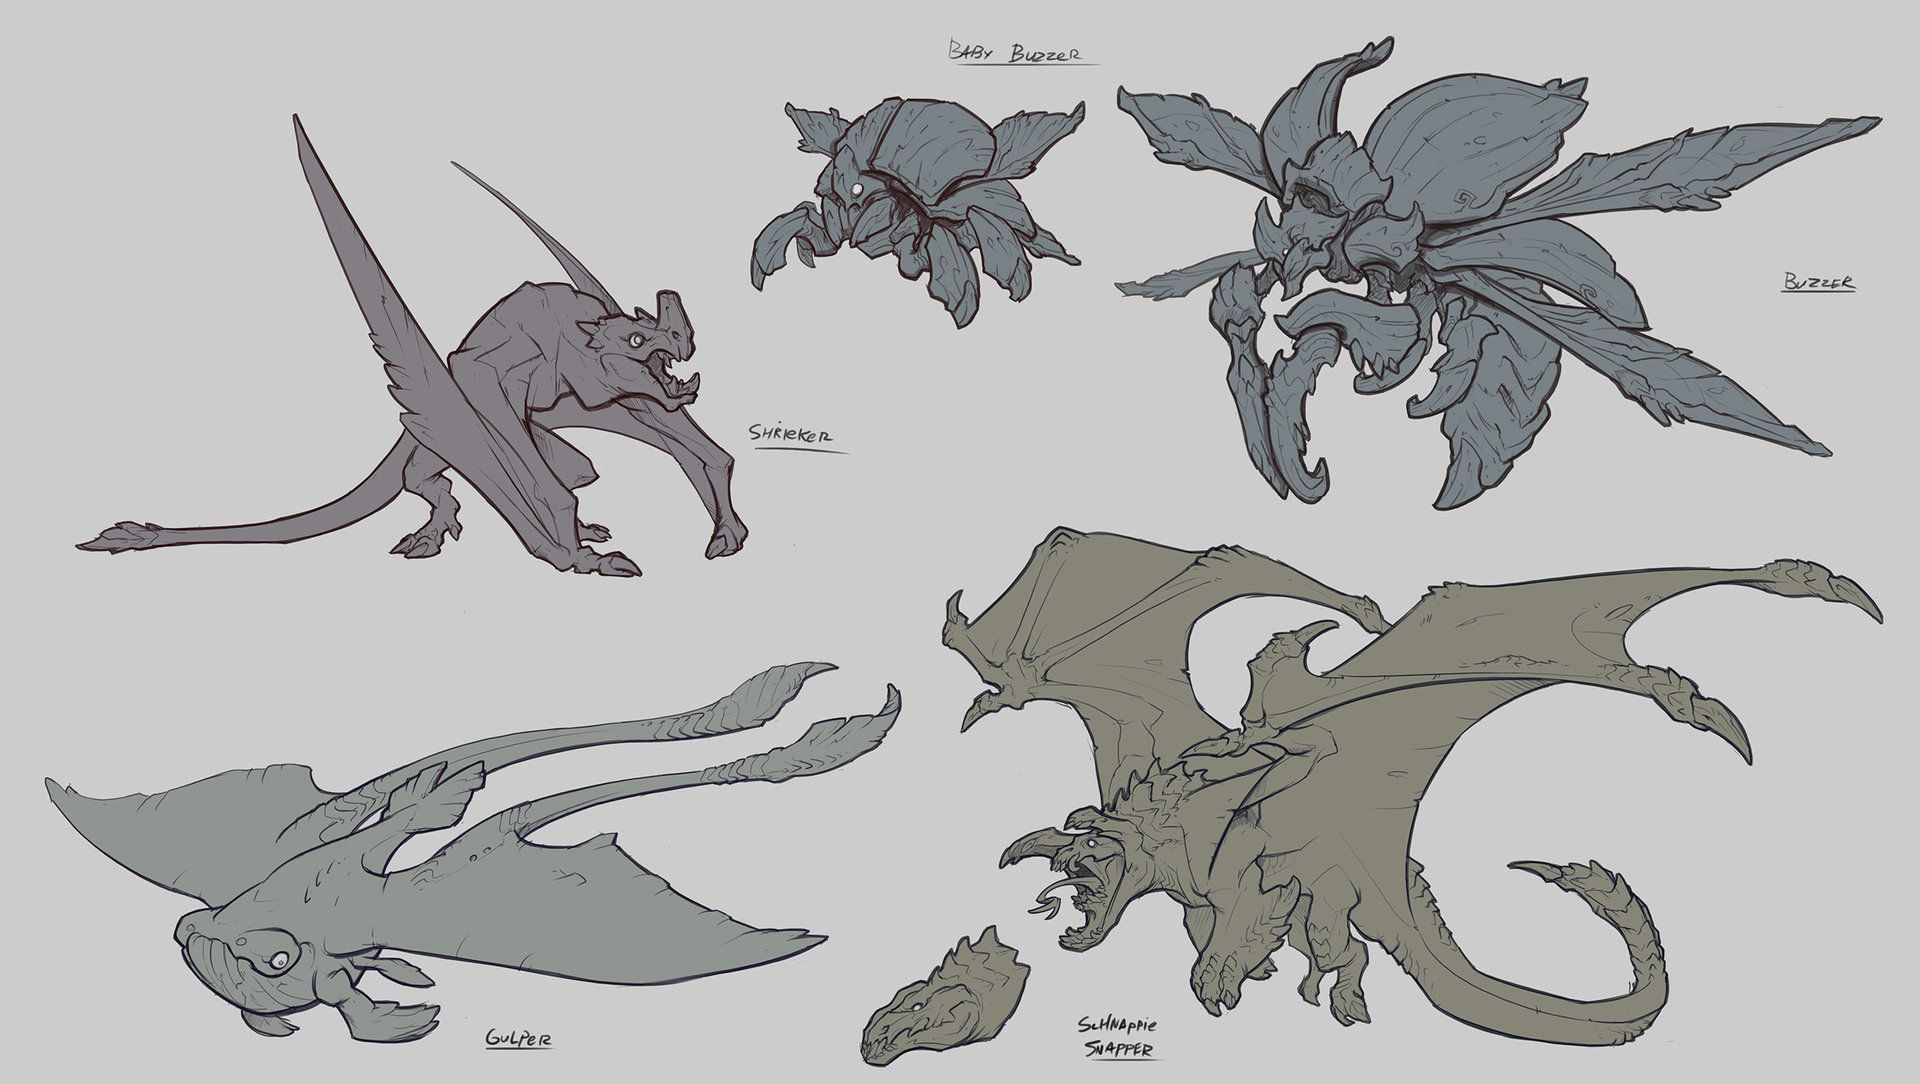 Line Drawing Monster : Artstation flying creatures baldi konijn monster